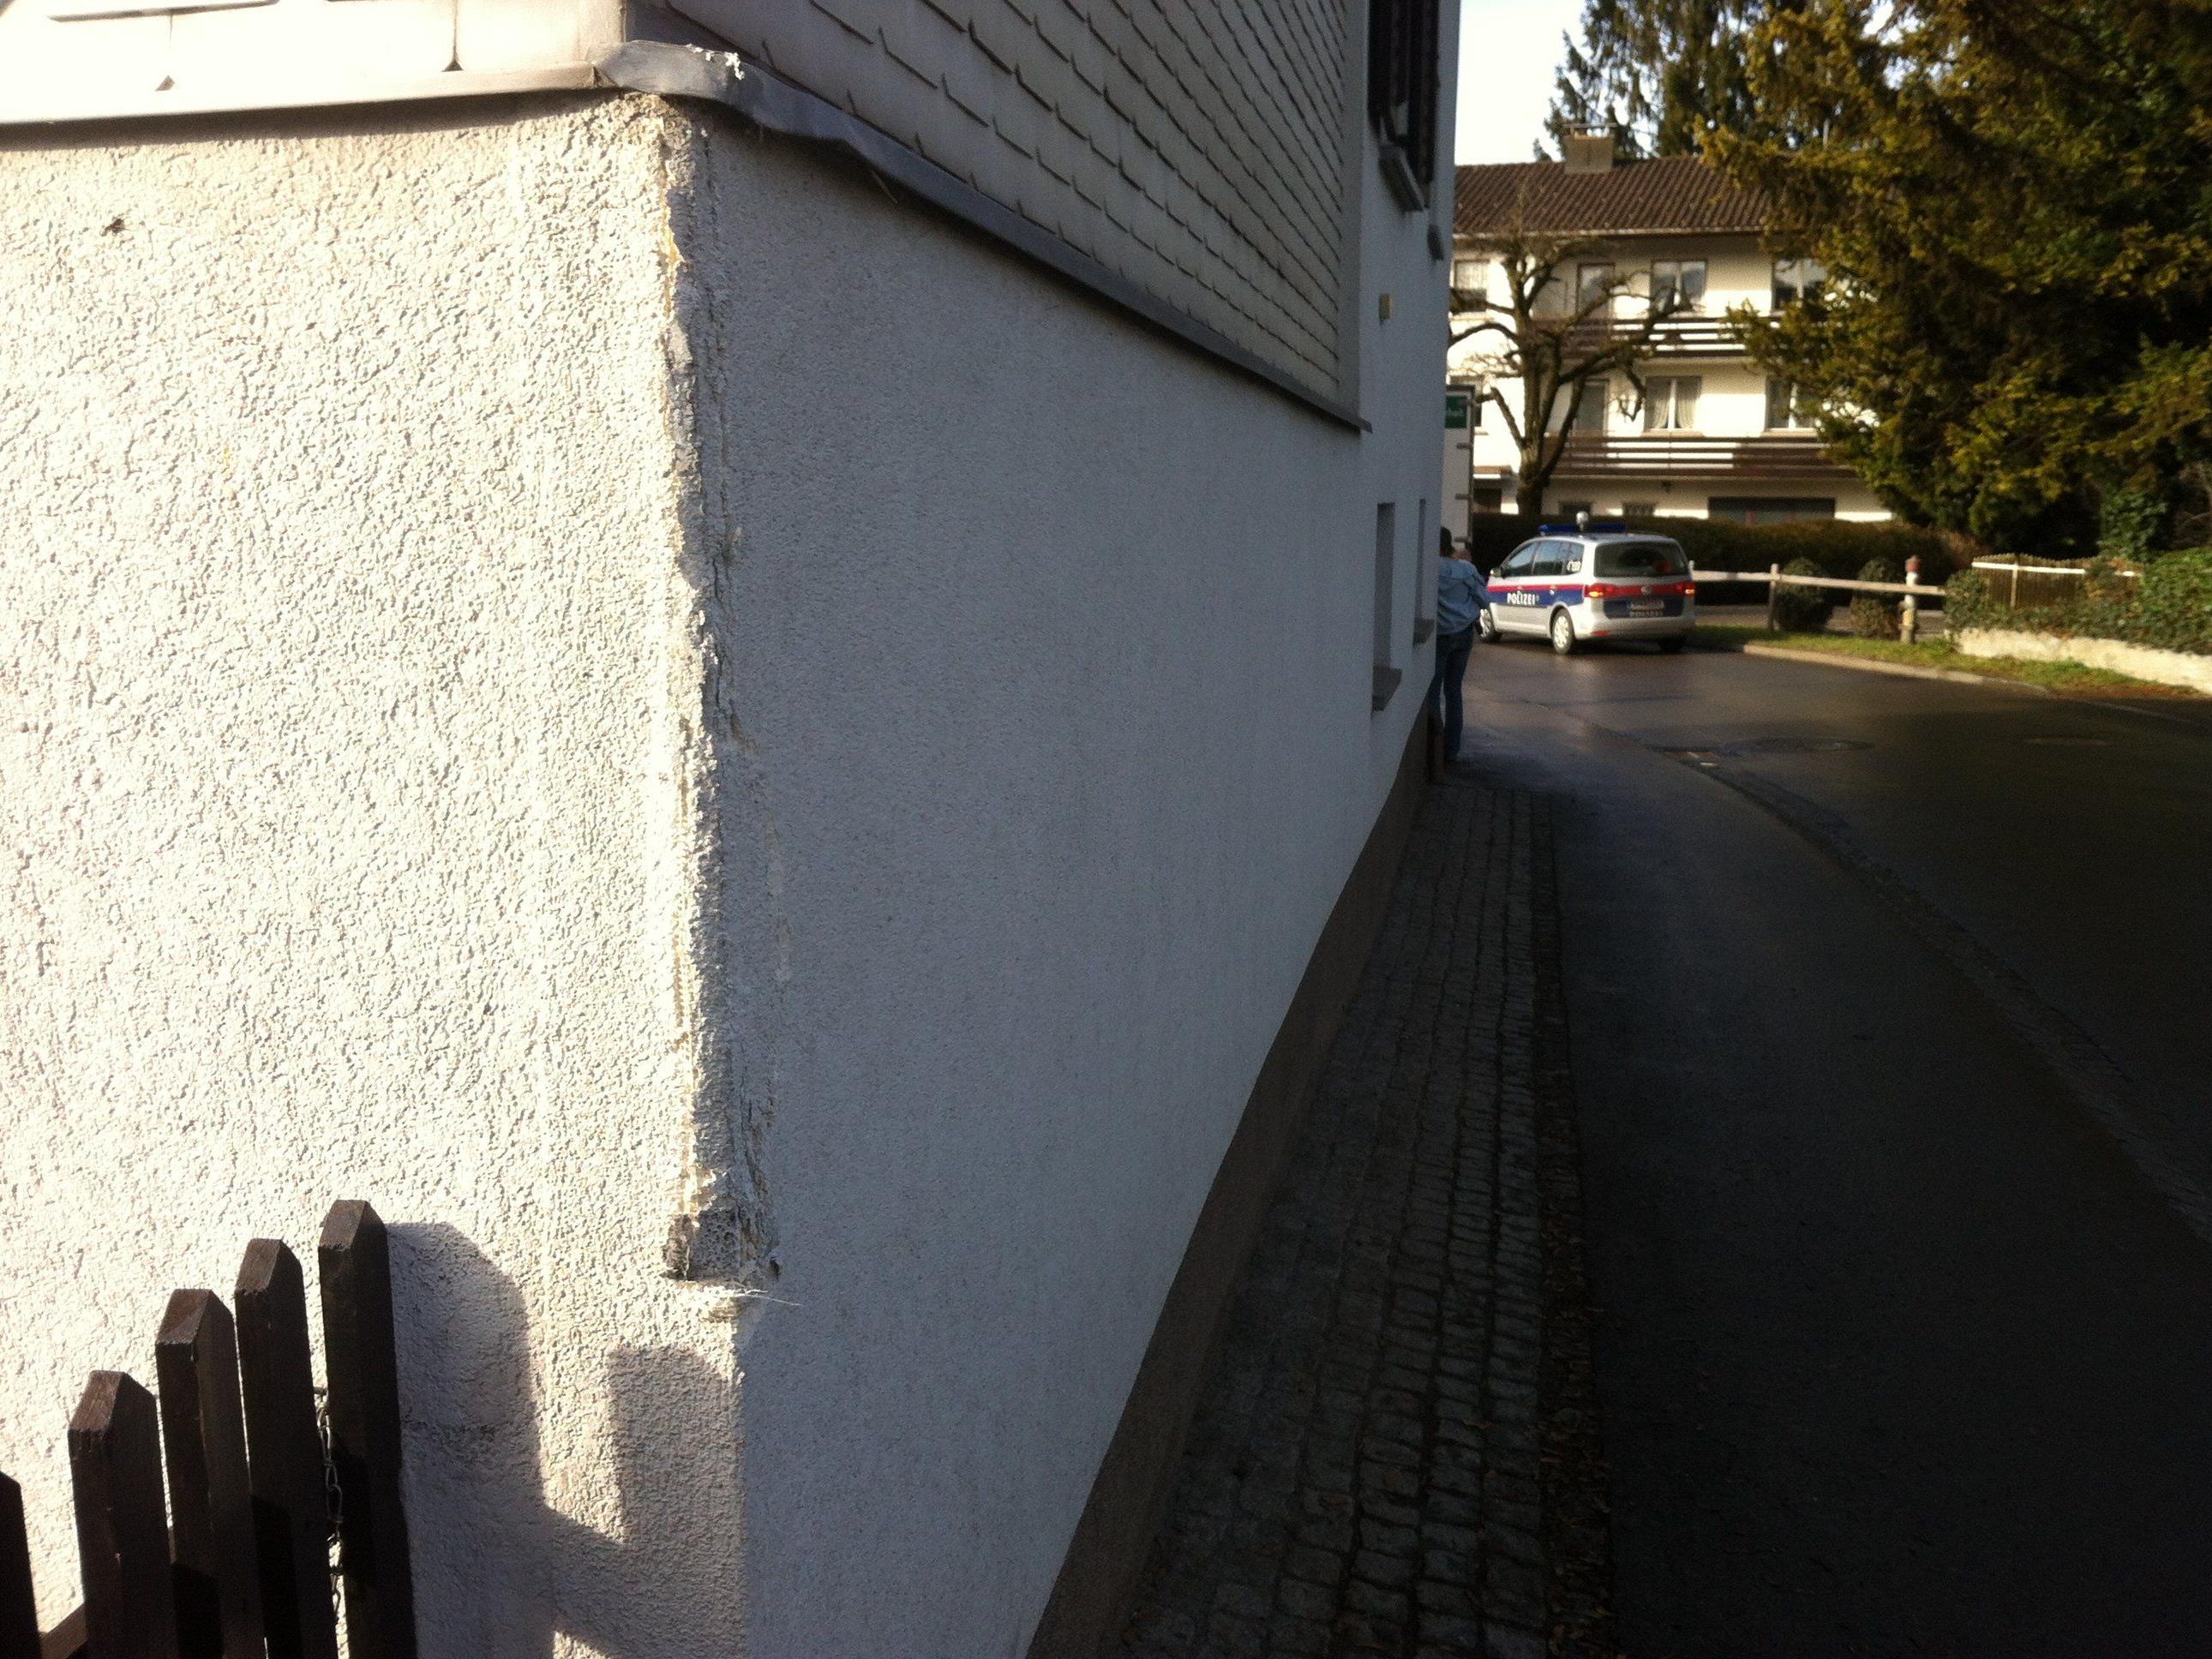 Eine beschädigte Hauswand und geringer Sachschaden an einem Lkw: Die Bilanz eines Wendemanövers, bei dem ein Lkw eine Wand touchiert hatte.